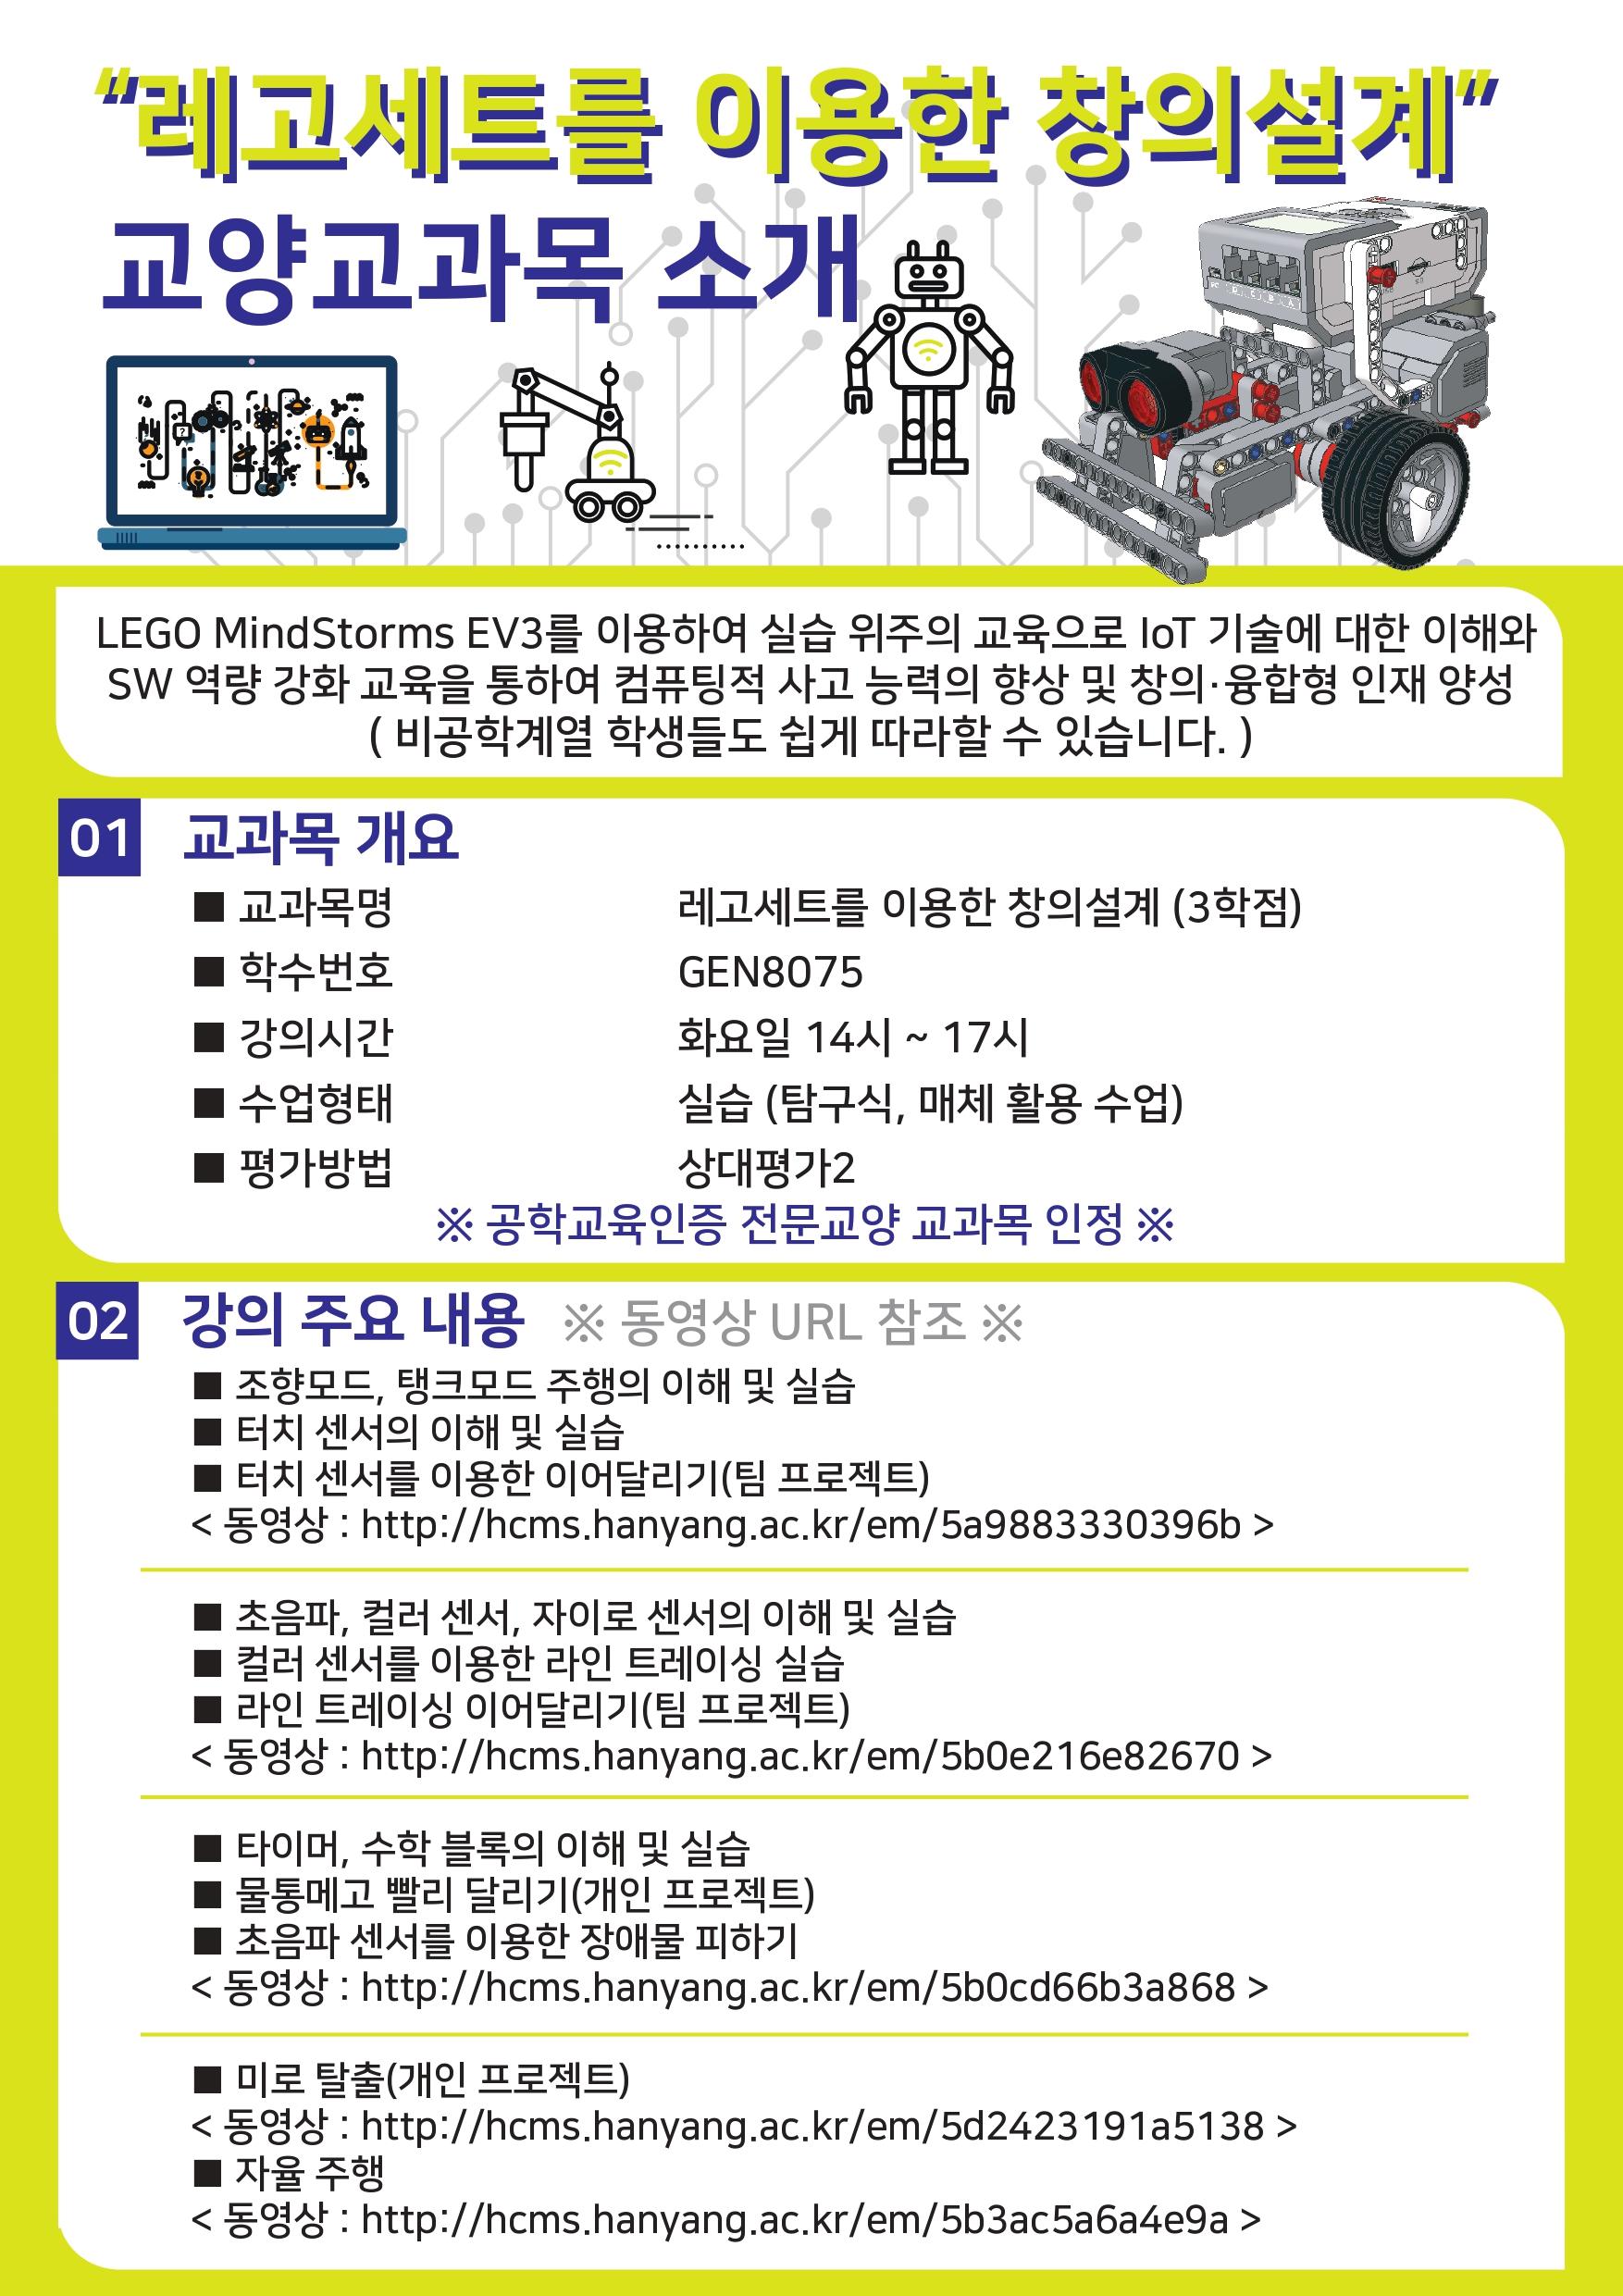 레고세트를 이용한 창의설계 교양교과목 소개_3학점.jpg